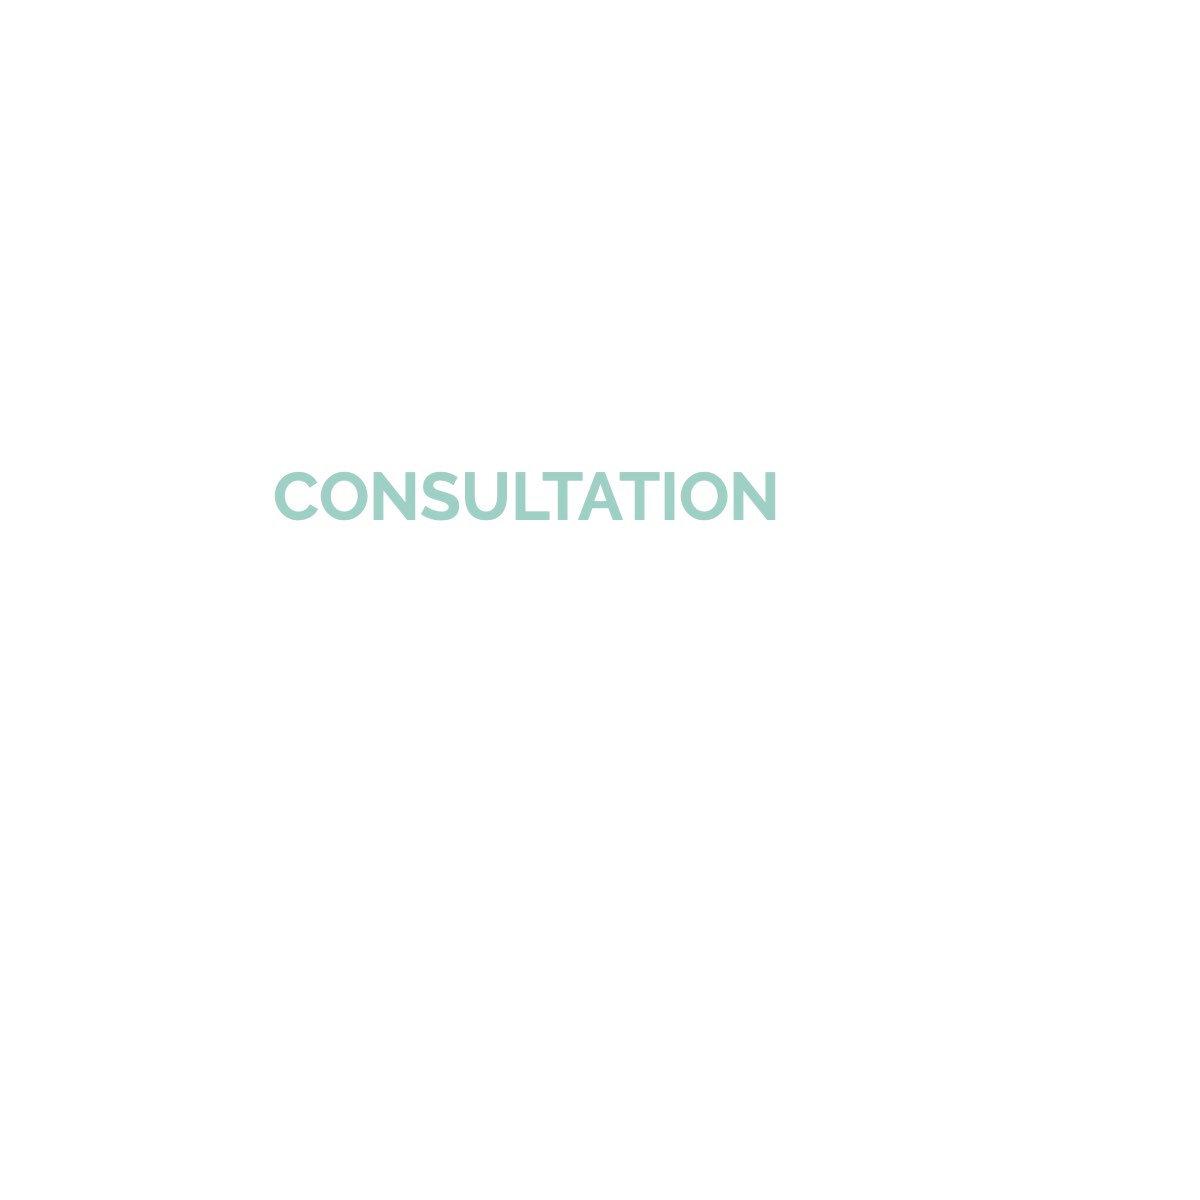 College Admissions Consultation